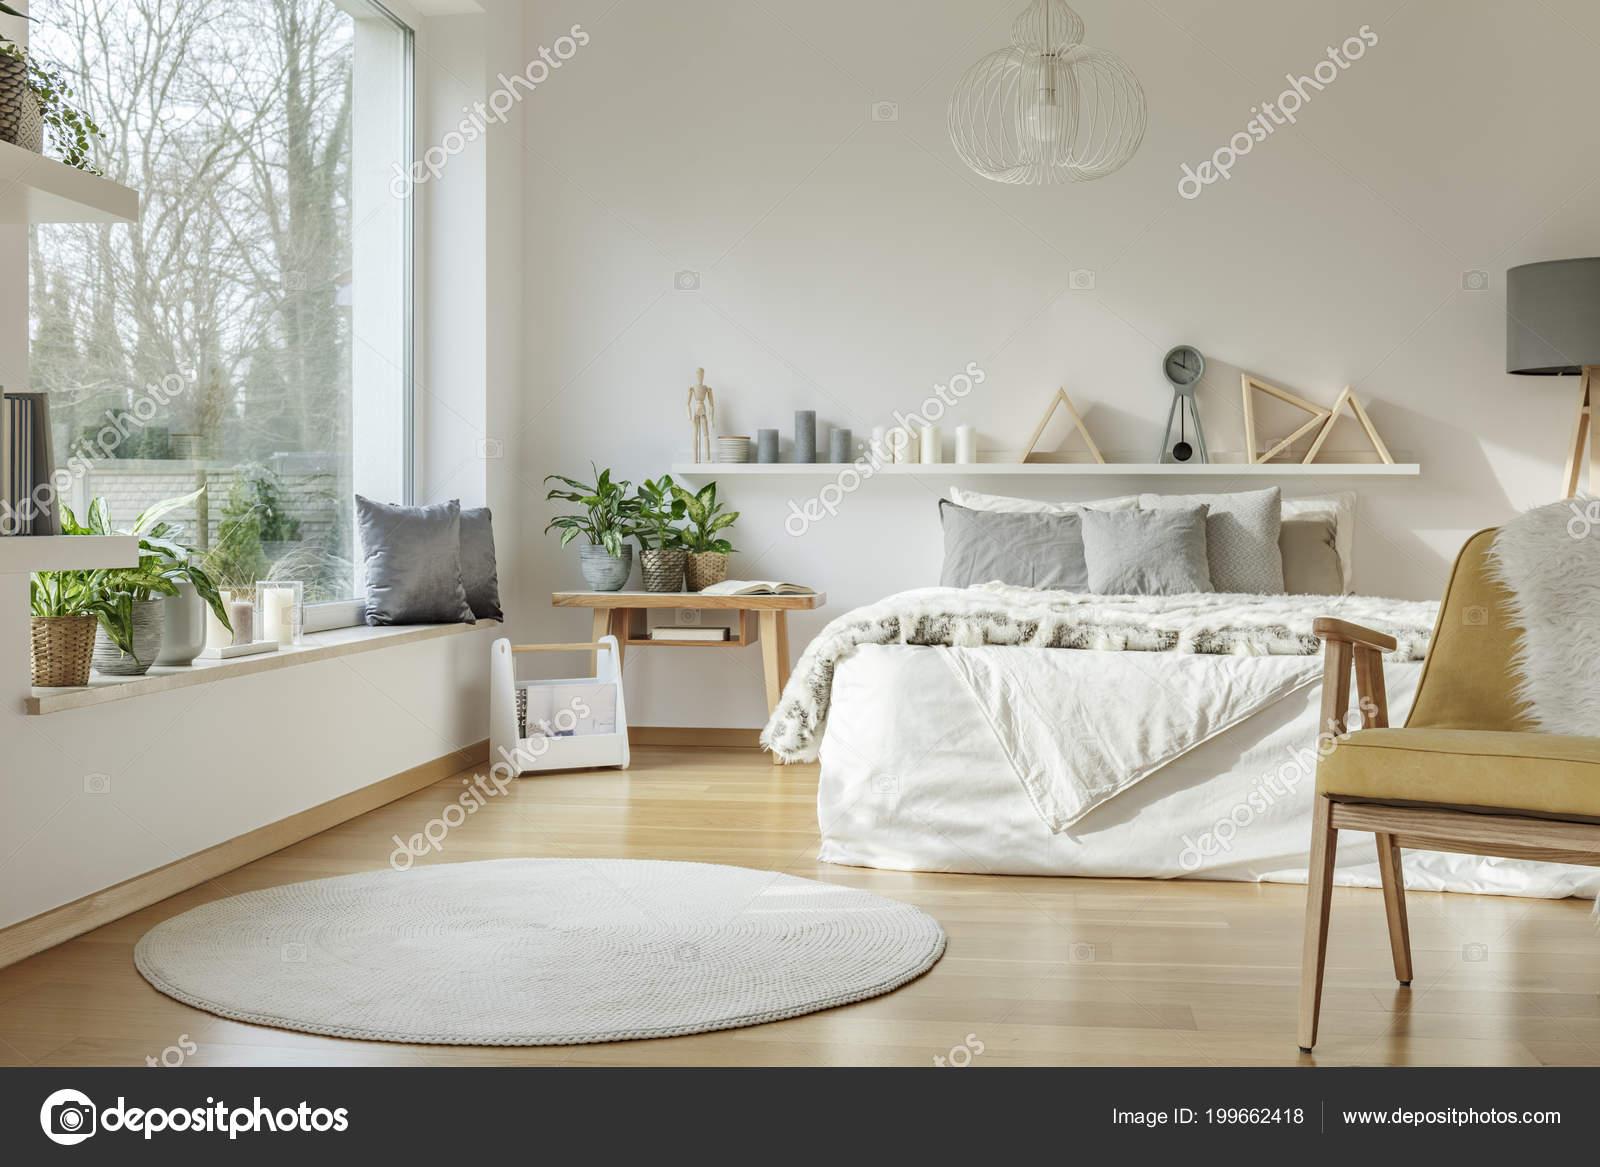 Weisse Runde Teppich Und Gelbe Holz Sessel Hellen Schlafzimmer